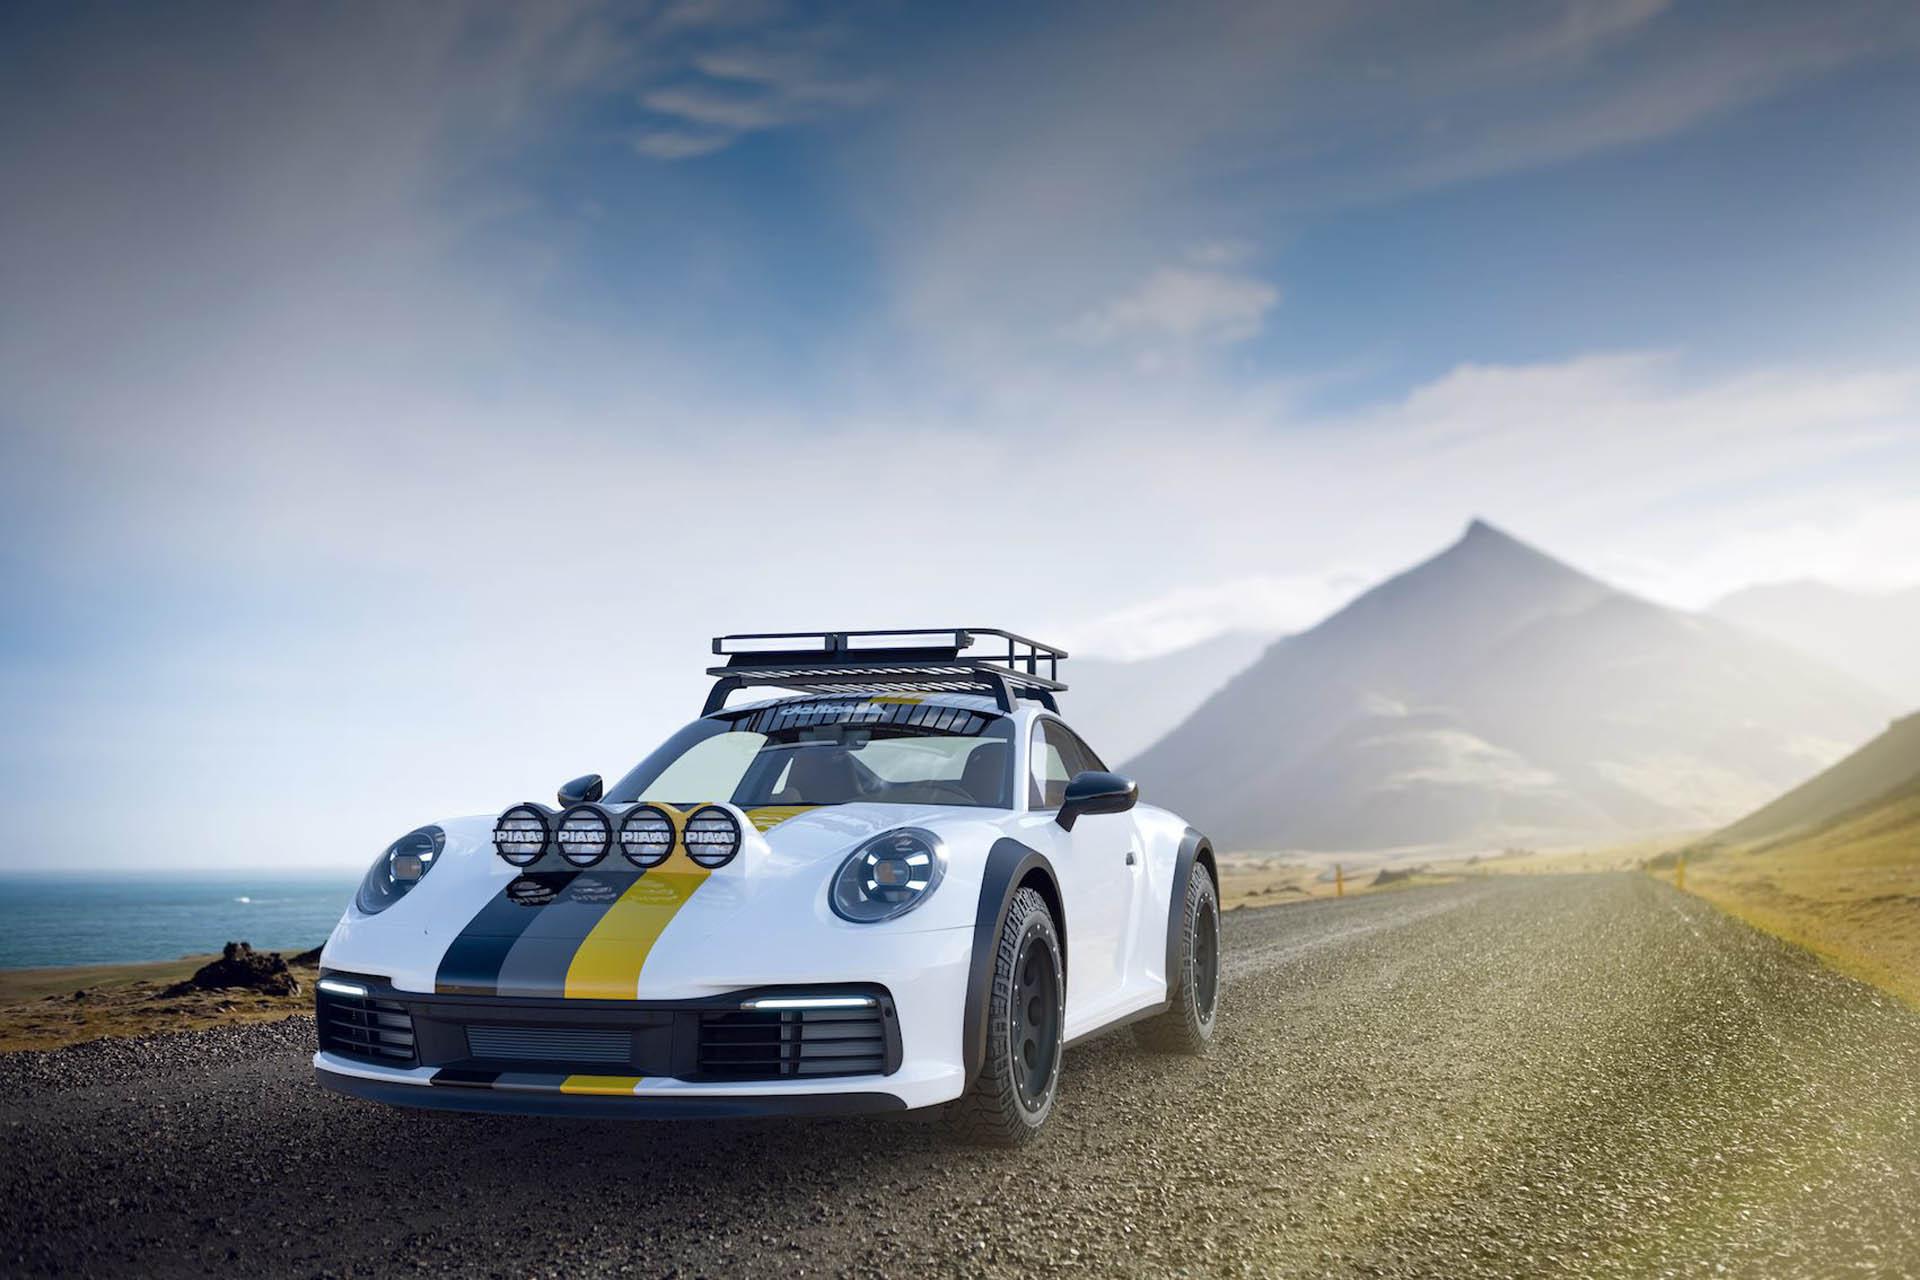 delta4x4 Porsche 911 Carrera 4S Dakar